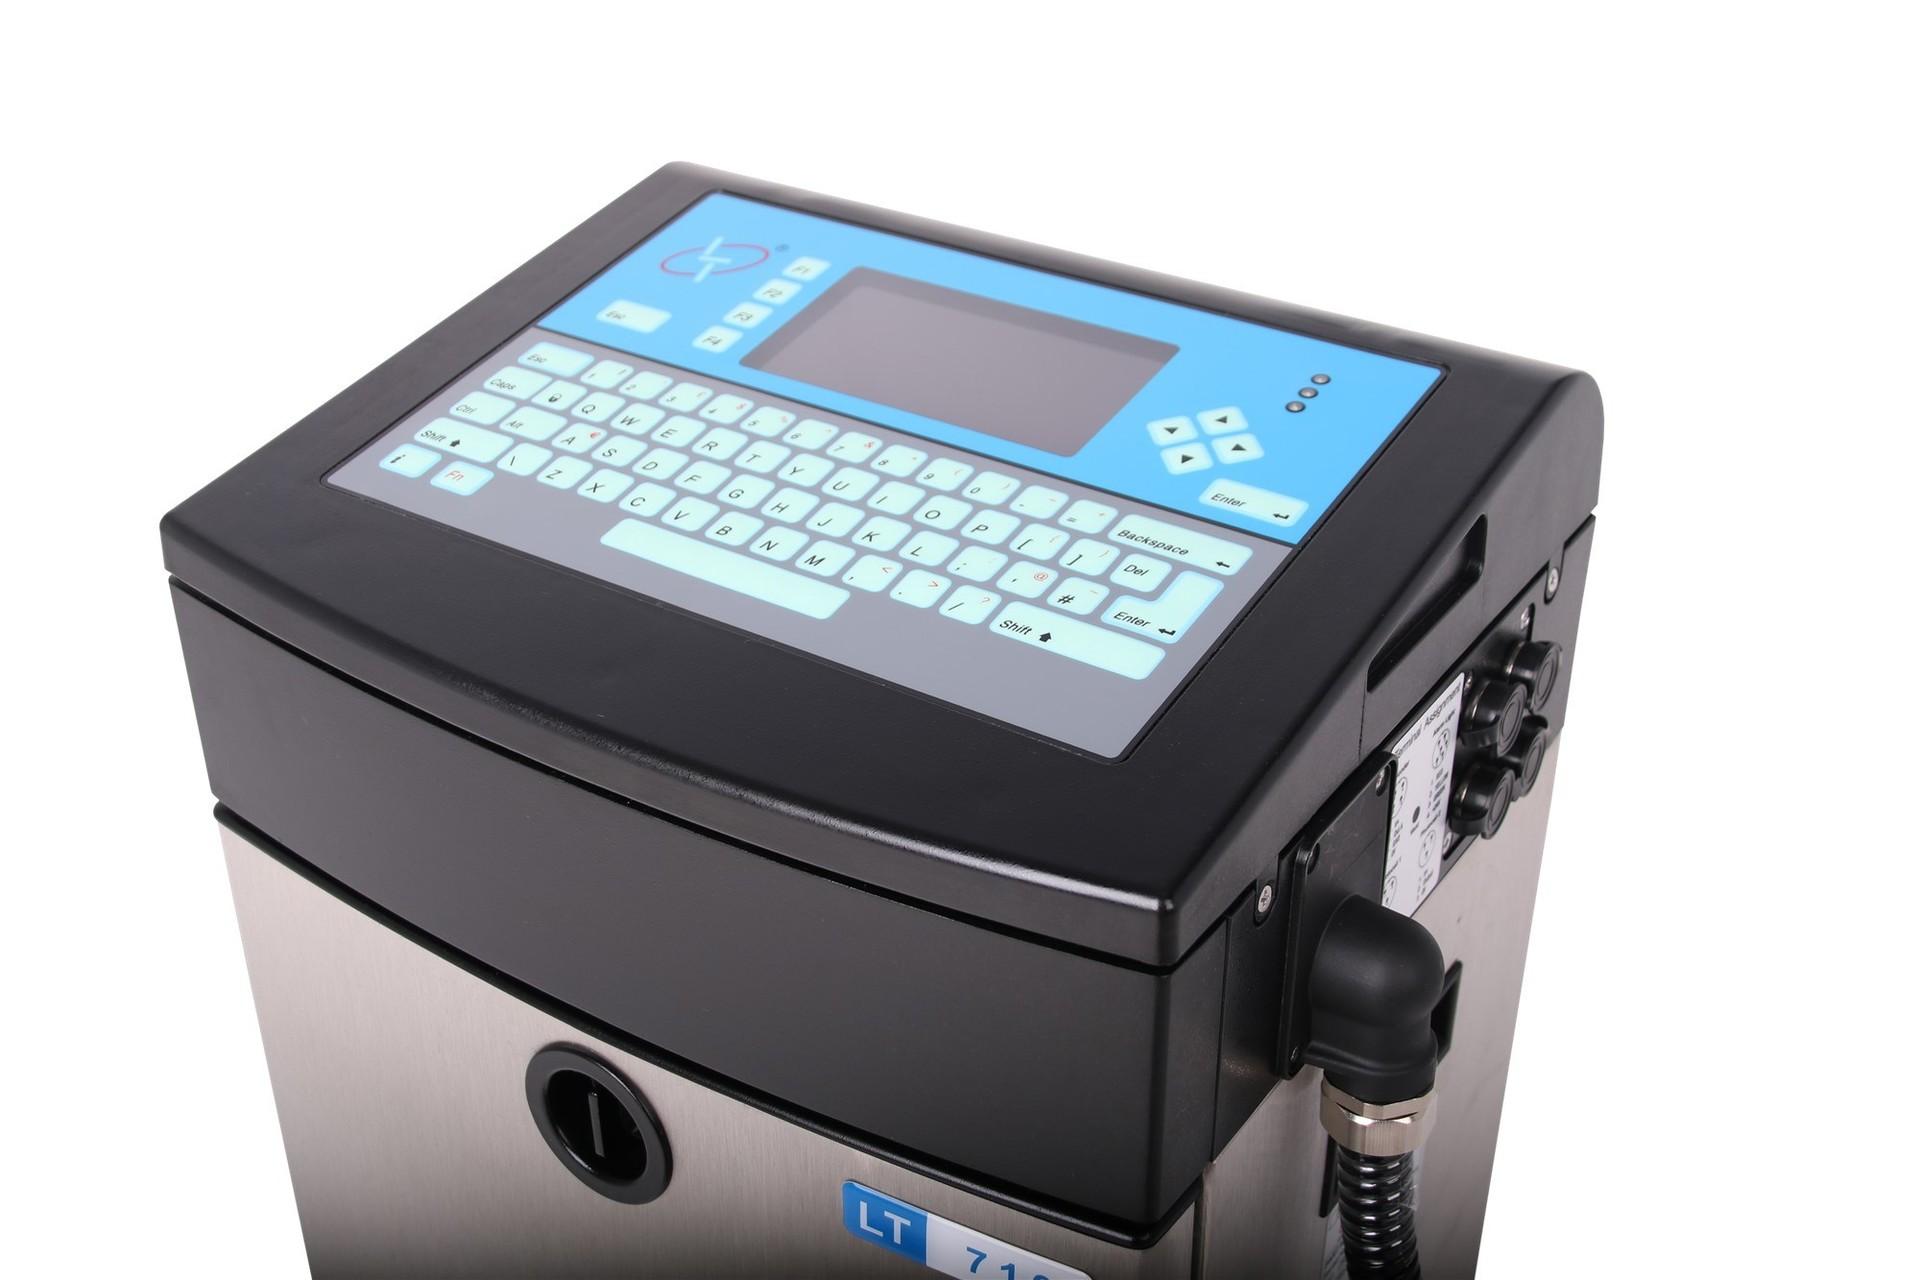 Lead Tech Lt710 Cij Inkjet Printer for Black to Blue Coding